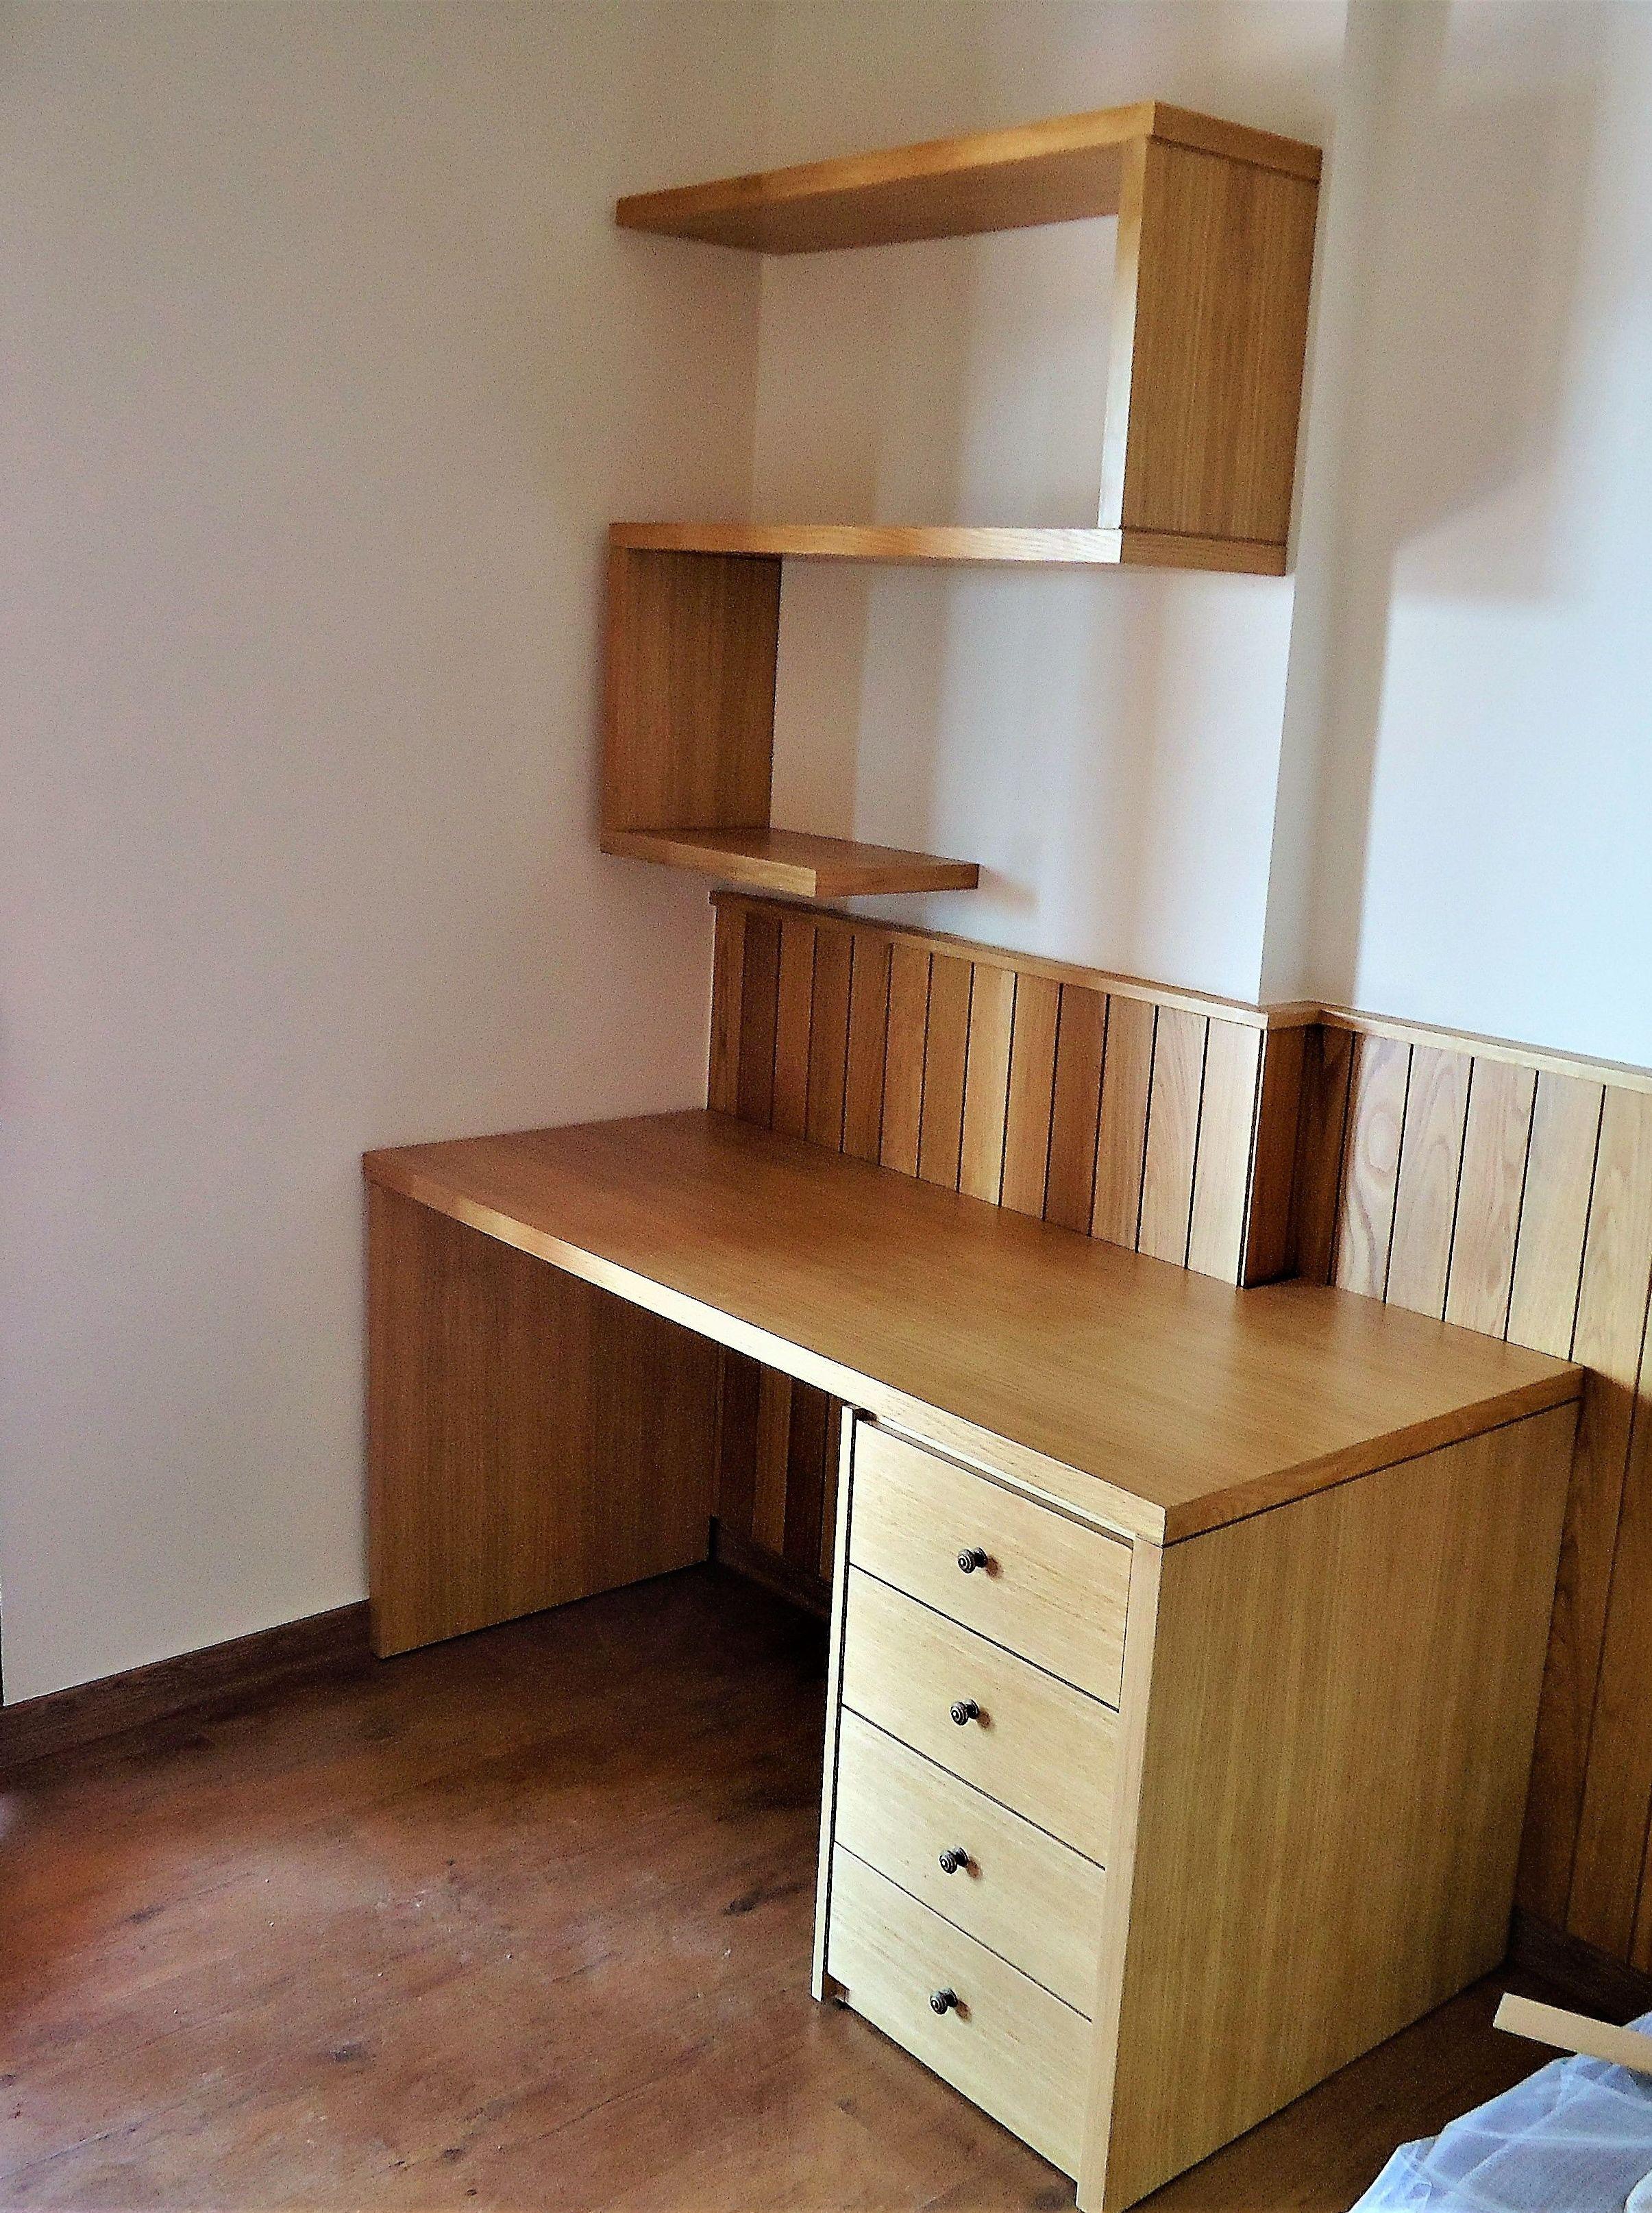 Mesa escritorio y lejas en rechapado roble lacado, y zocalo pared en roble macizo.